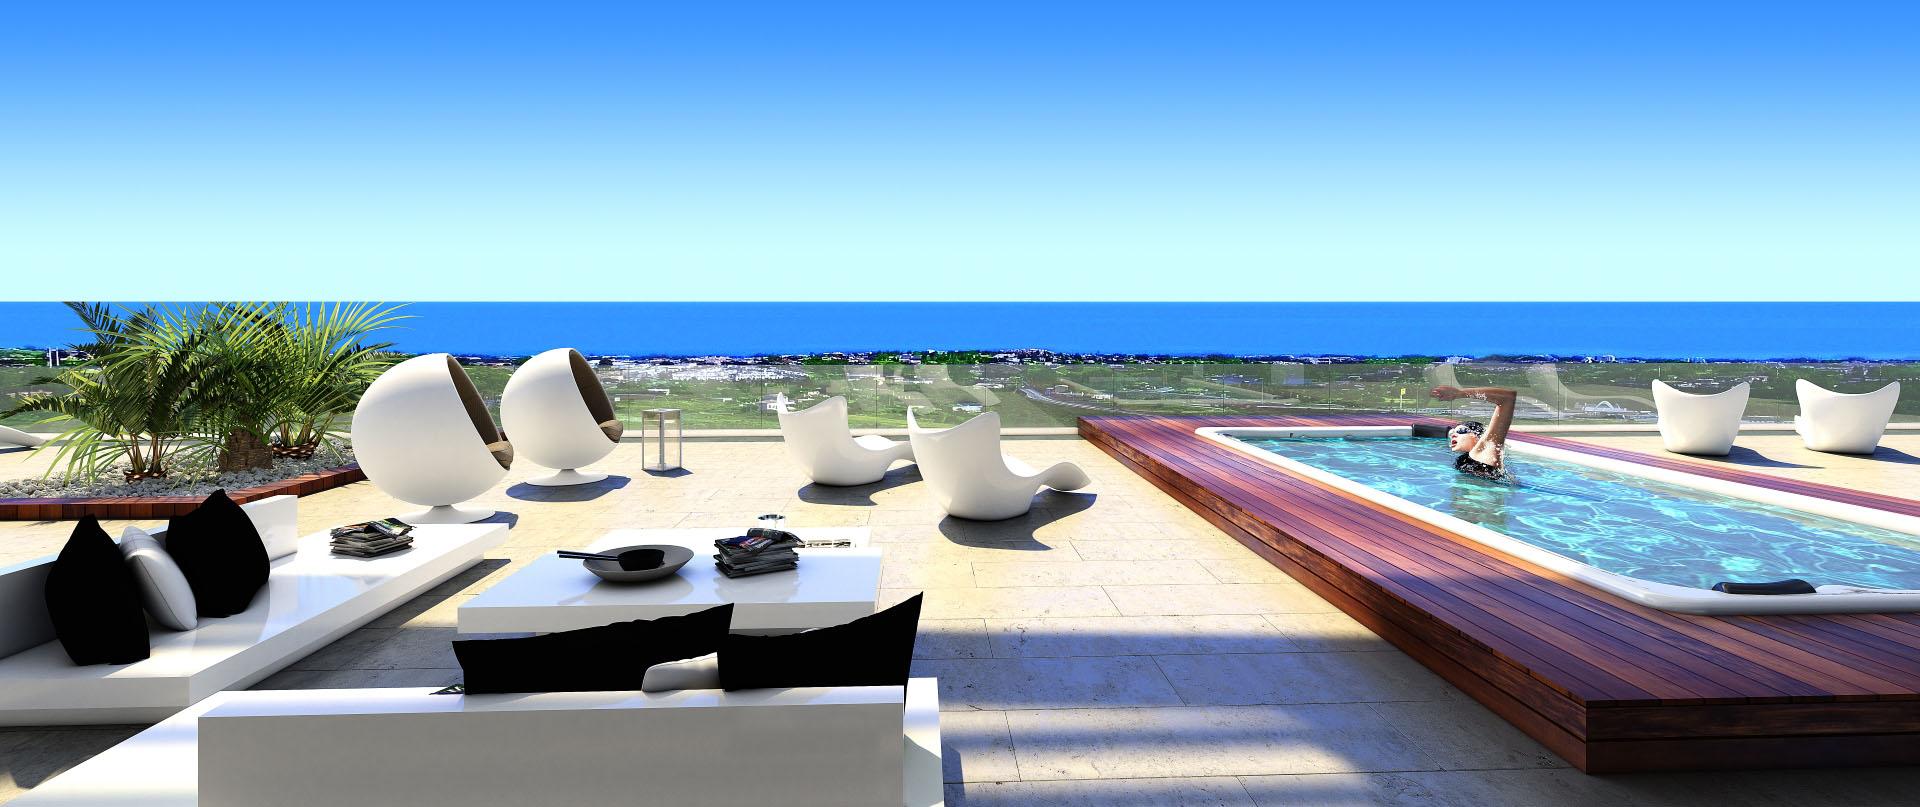 Appartements en vente à Los Almendros (Marbella) MCO3689358